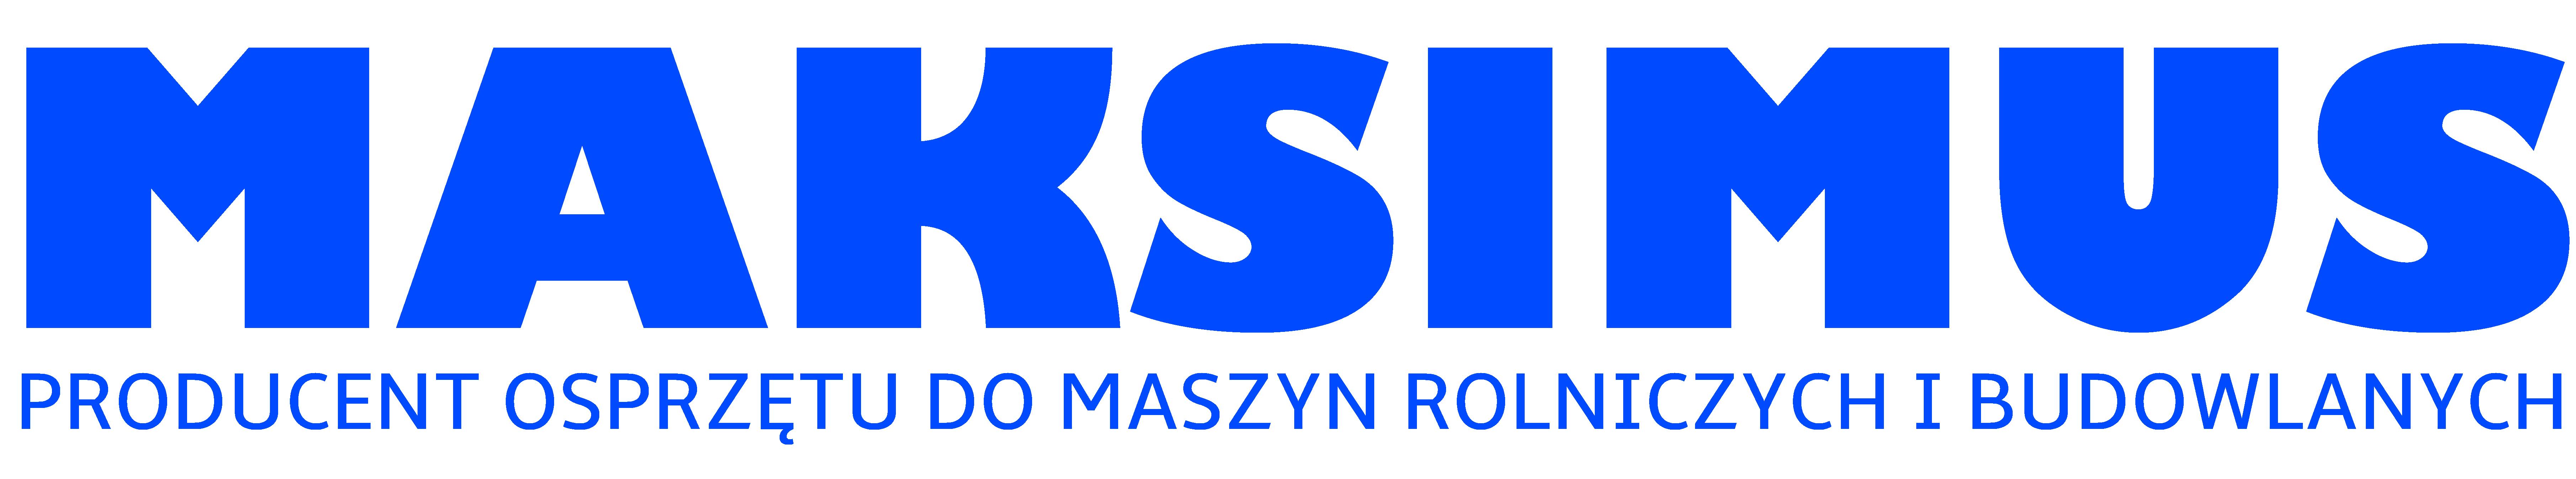 Maksimus Maszyny Rolnicze